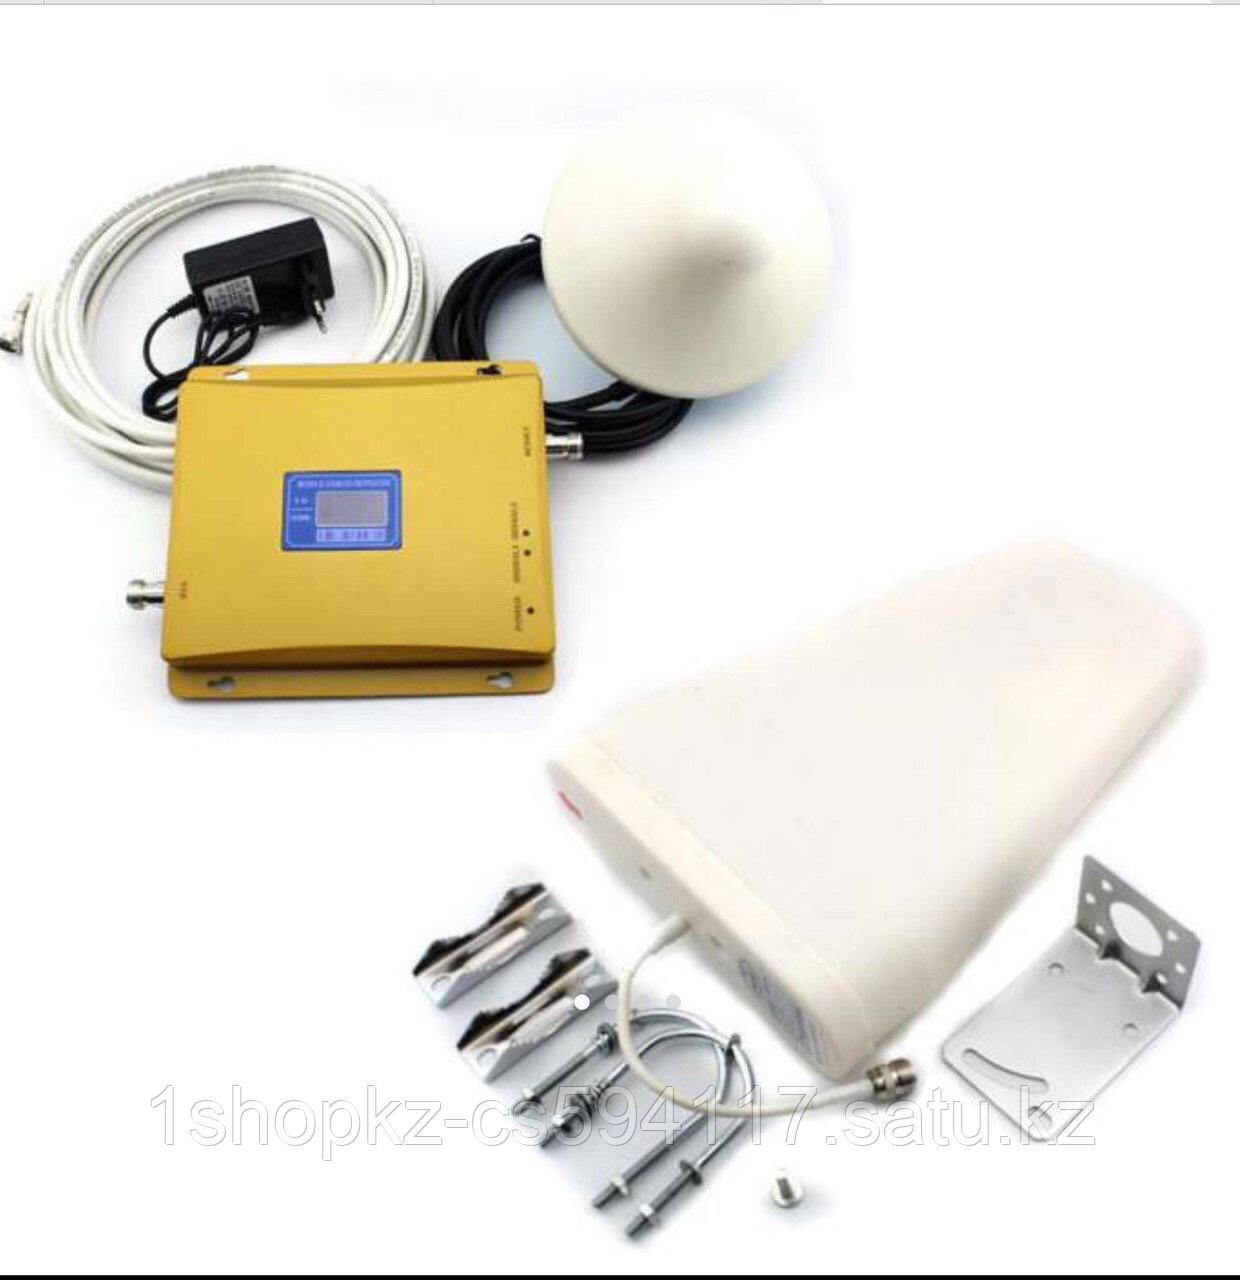 Усилитель сигнала сотовой связи GSM+3G